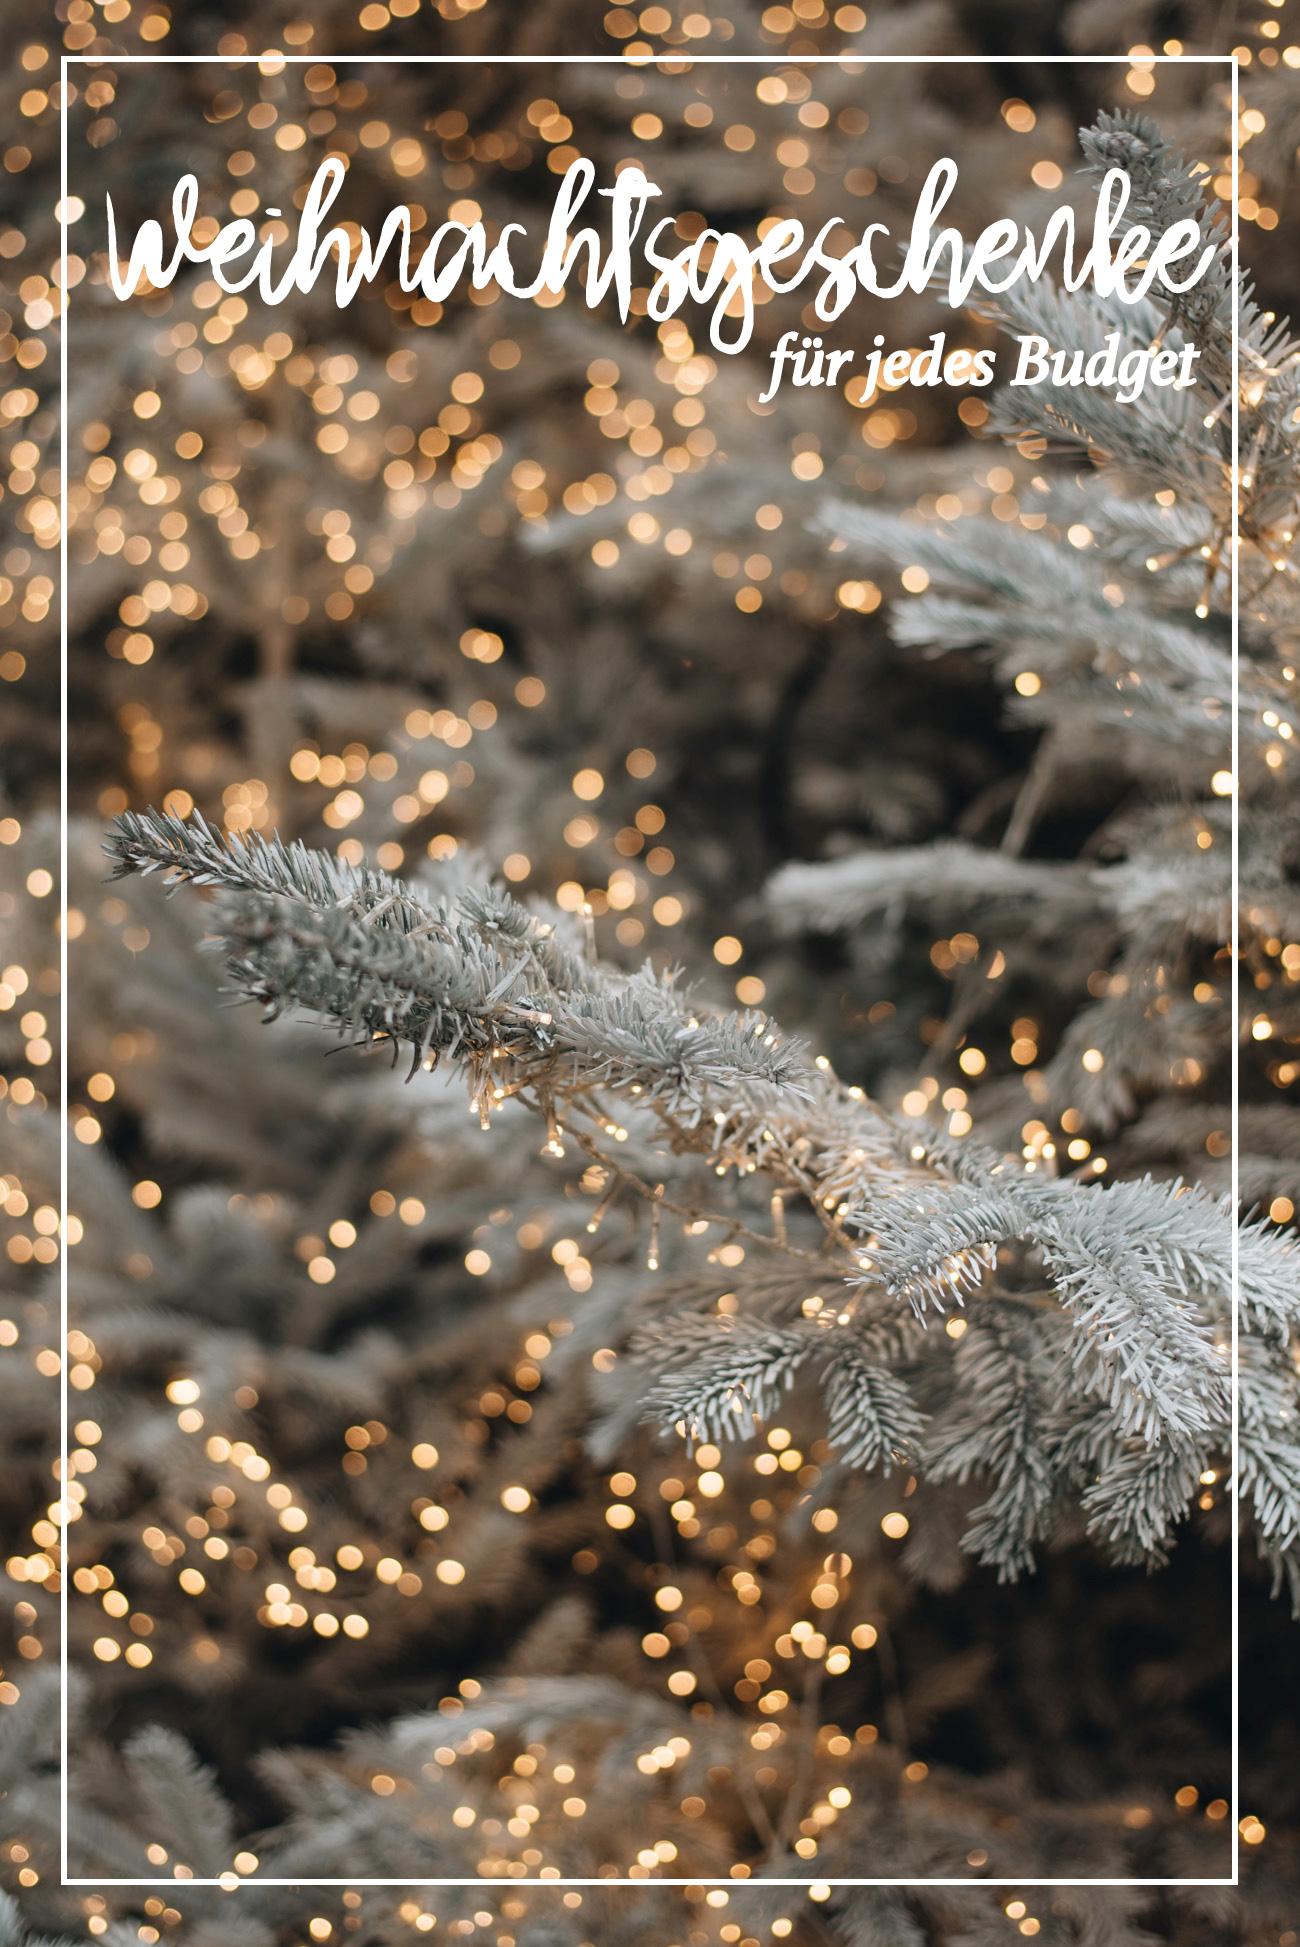 Weihnachtsgeschenke Bis 50.Für Jedes Budget Weihnachtsgeschenke Unter 50 Euro